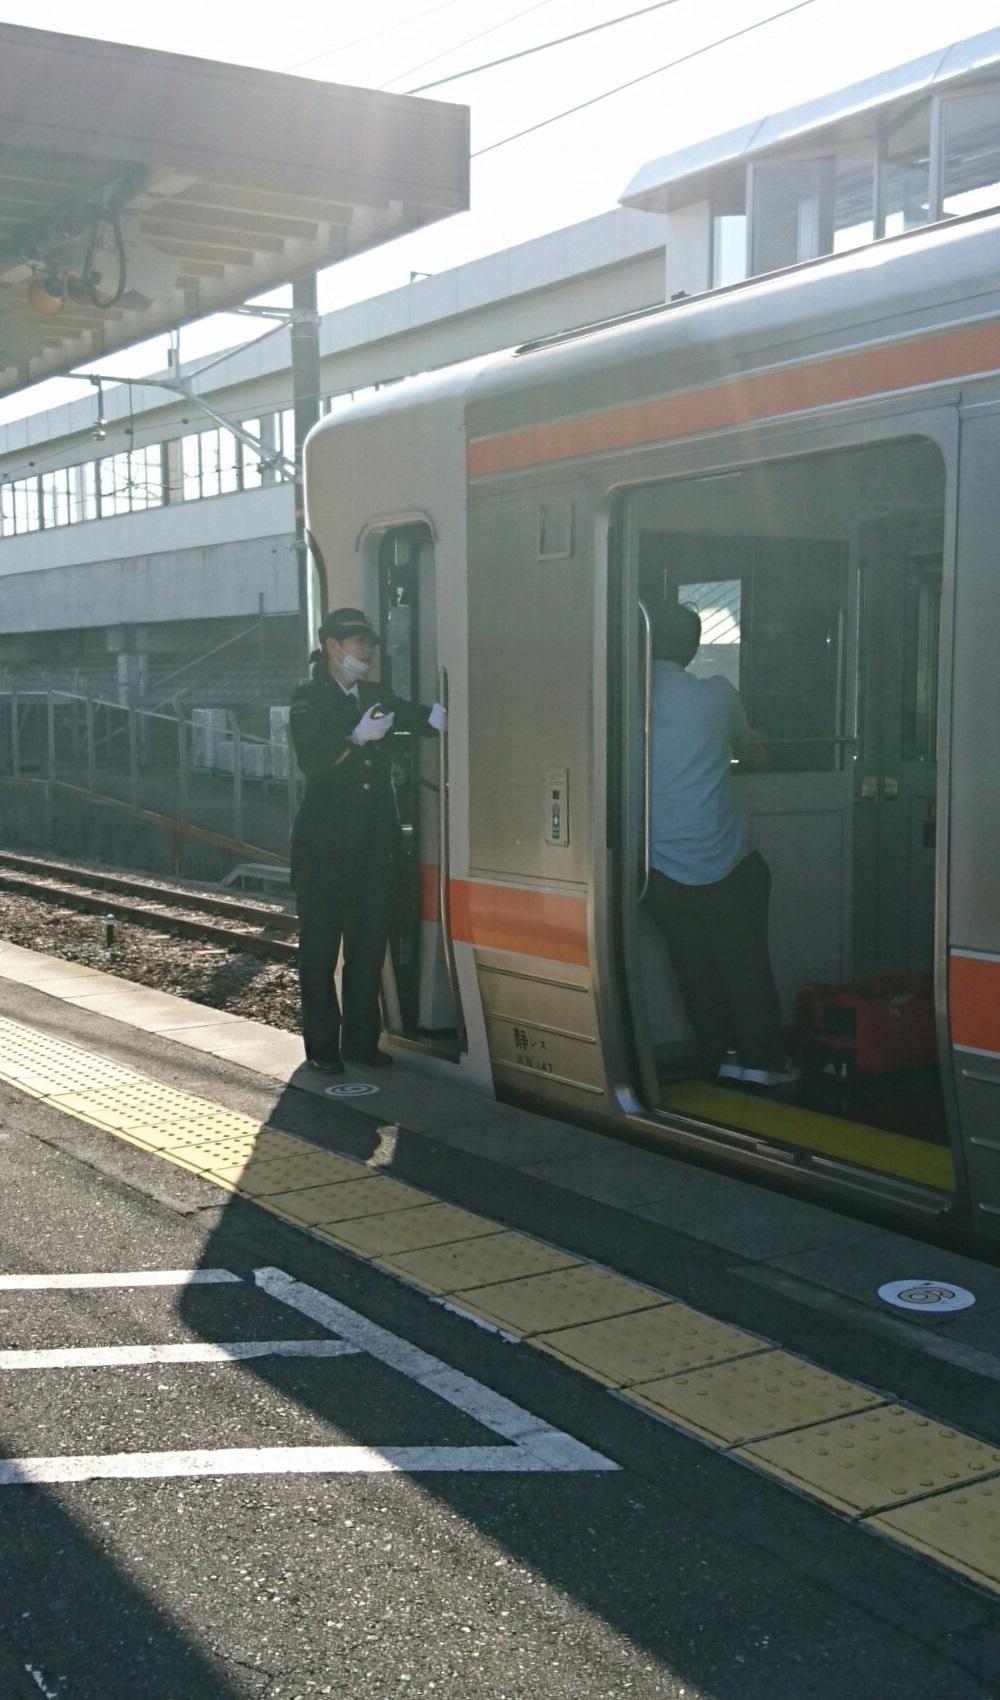 2018.3.28 金谷まで (31) 掛川 - 浜松いきふつう 1000-1700